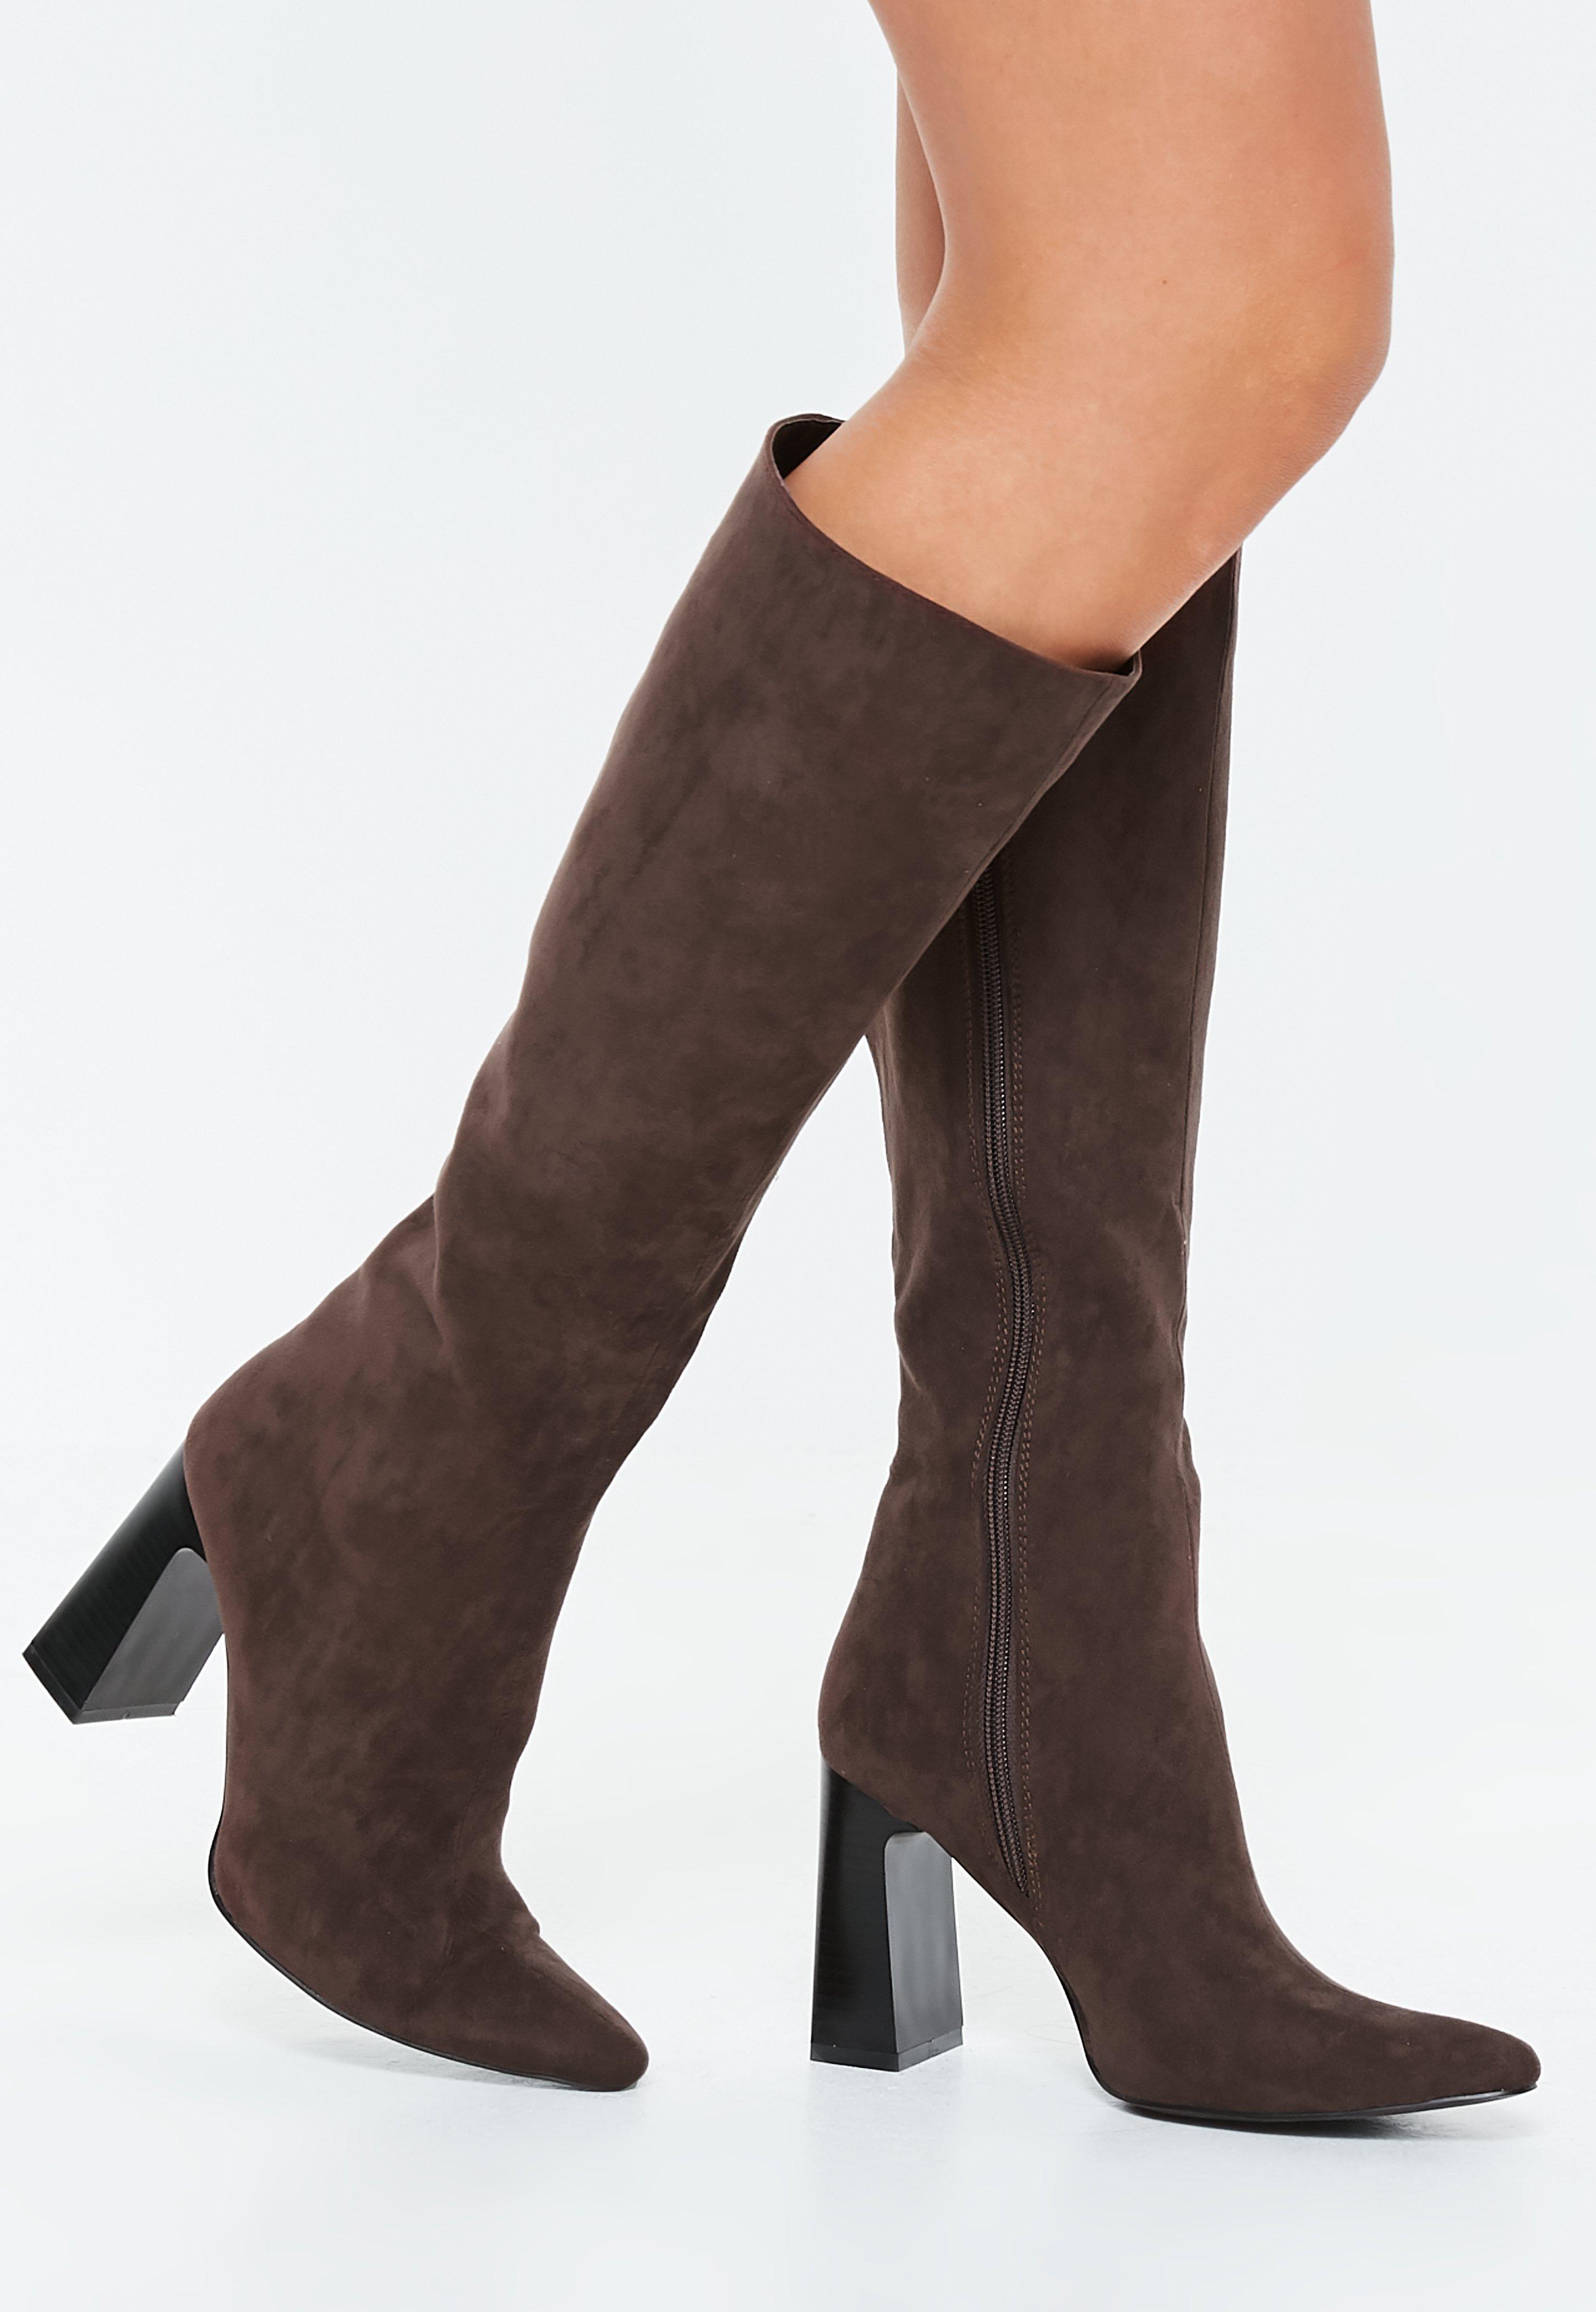 5d82dd3c3d54 Knee High Boots